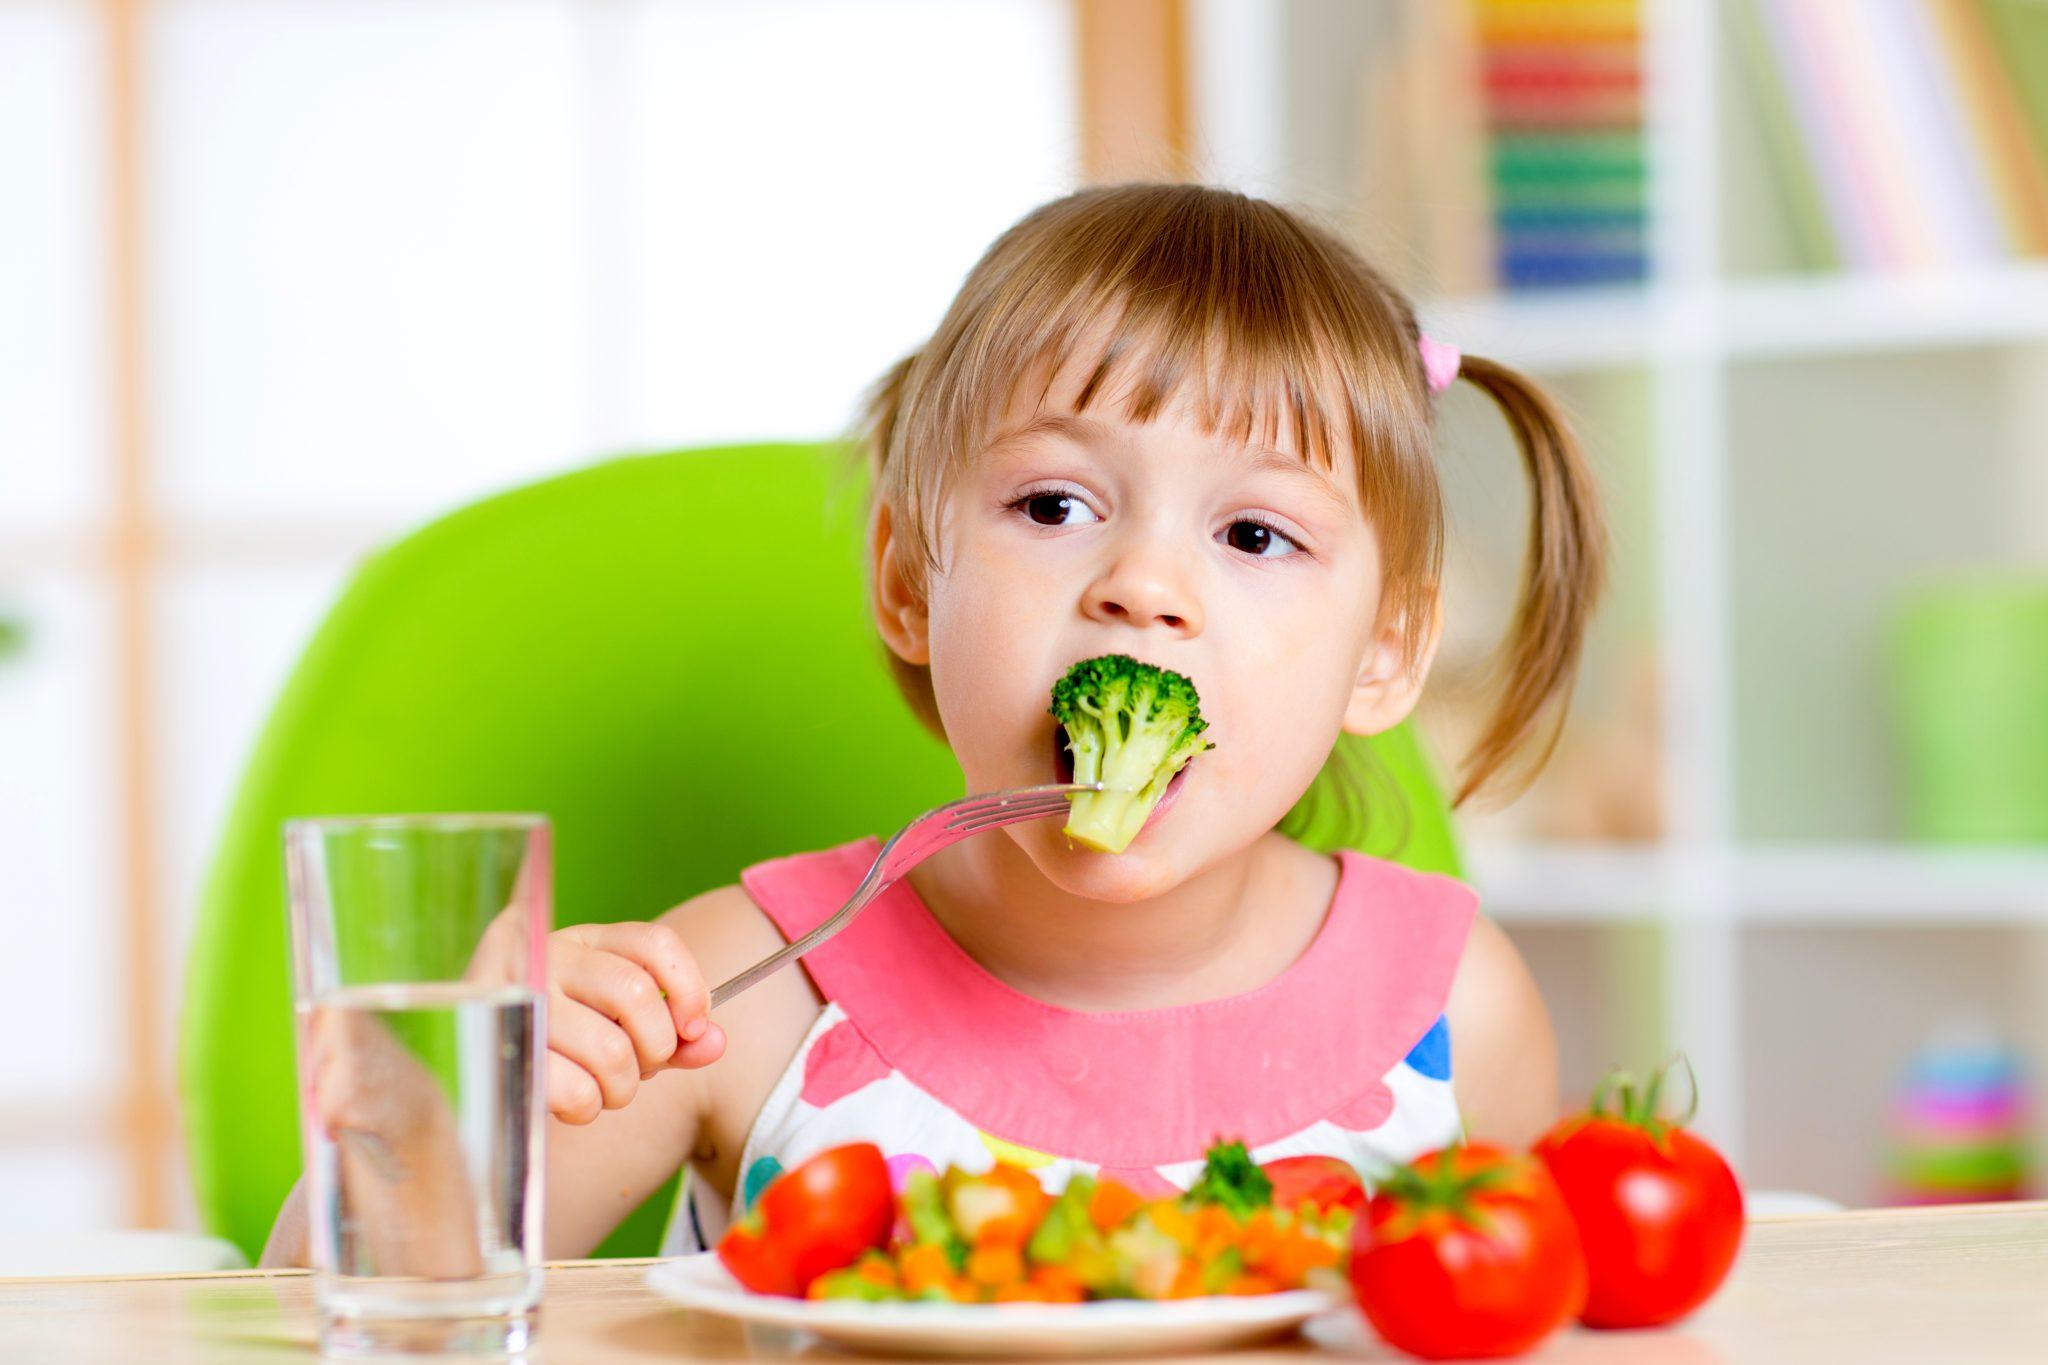 ブロッコリーを食べている女の子